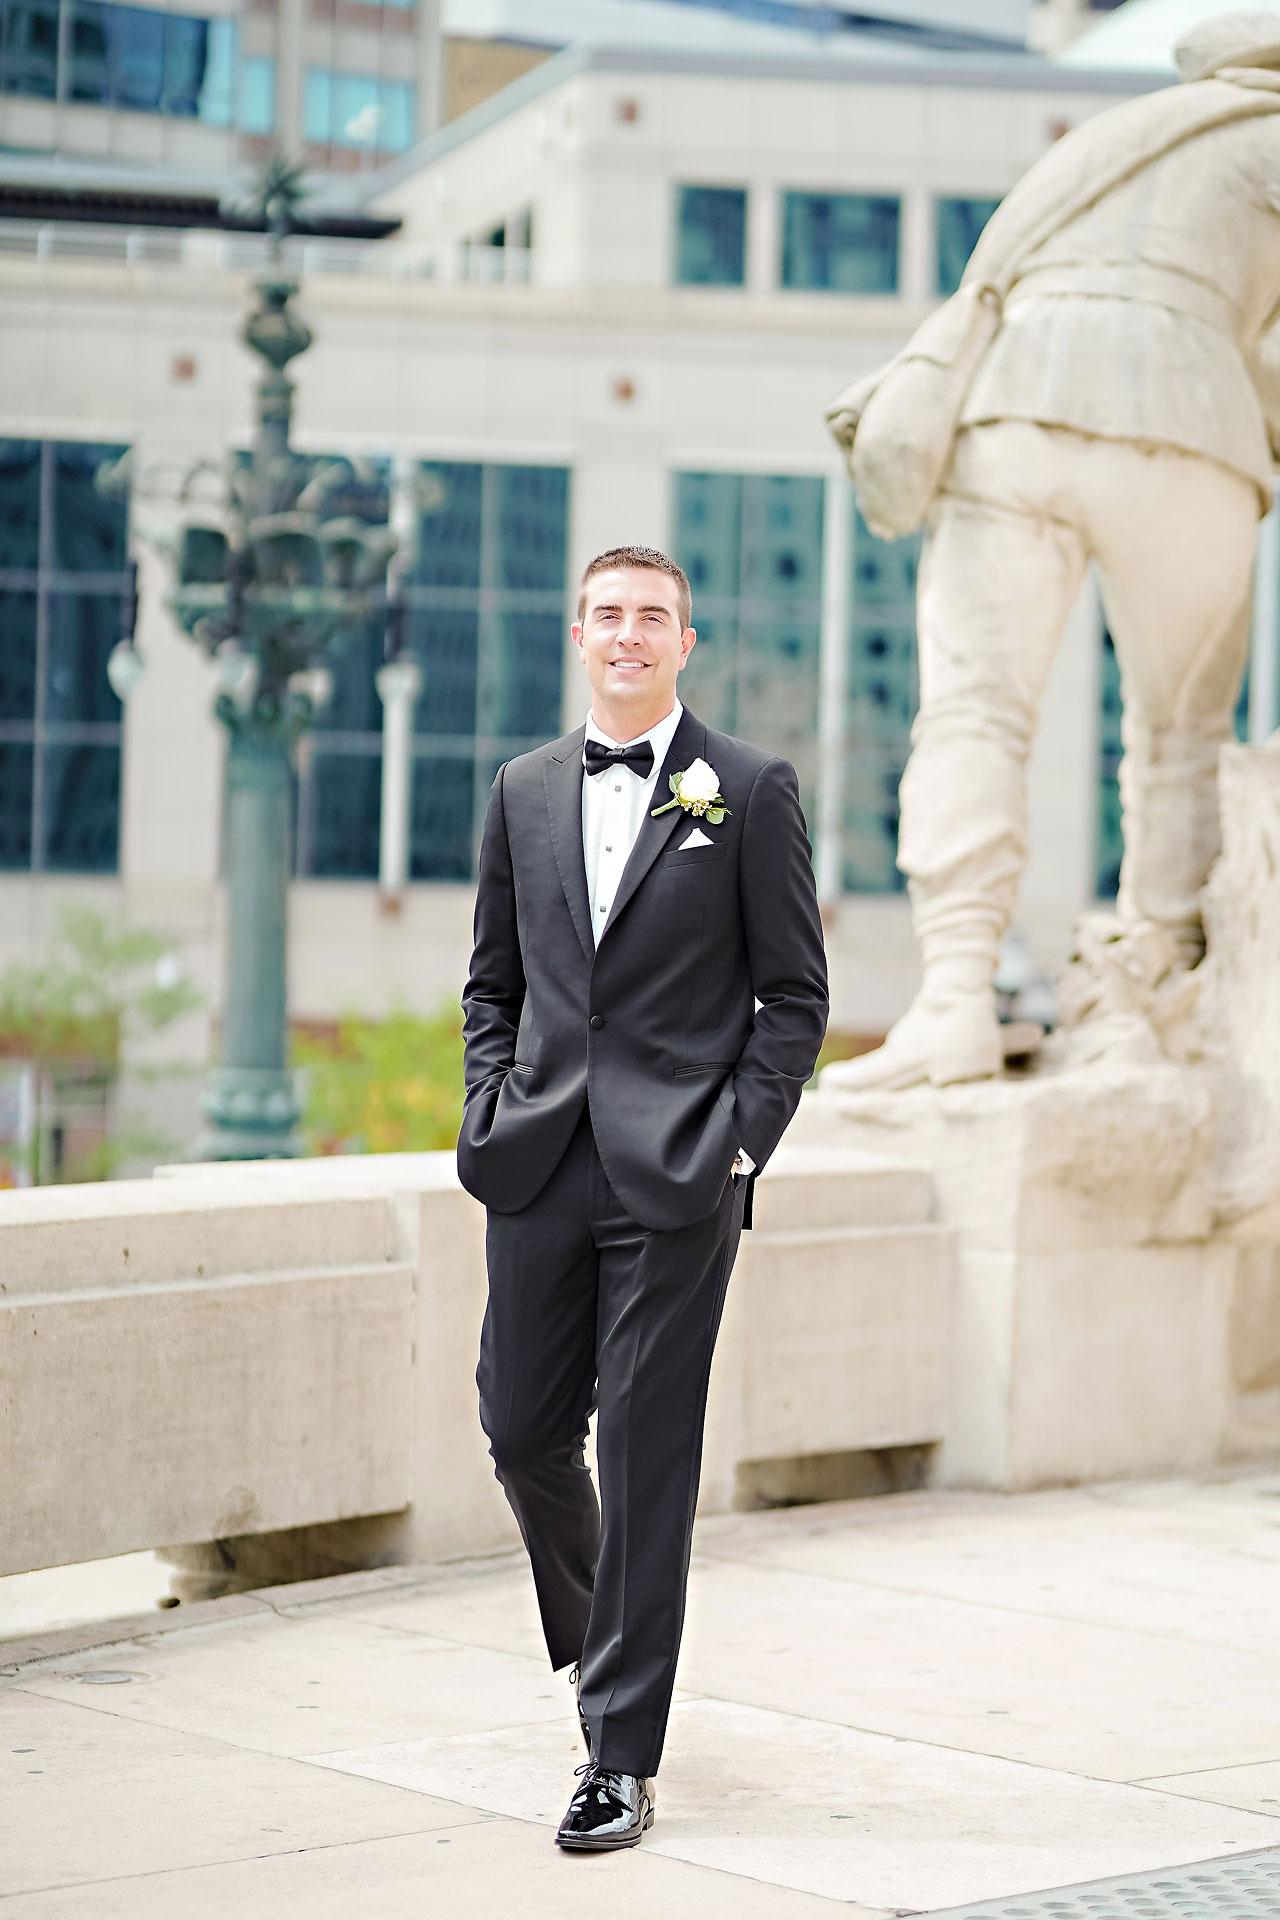 Liz Zach Conrad Artsgarden Indianapolis Wedding 111